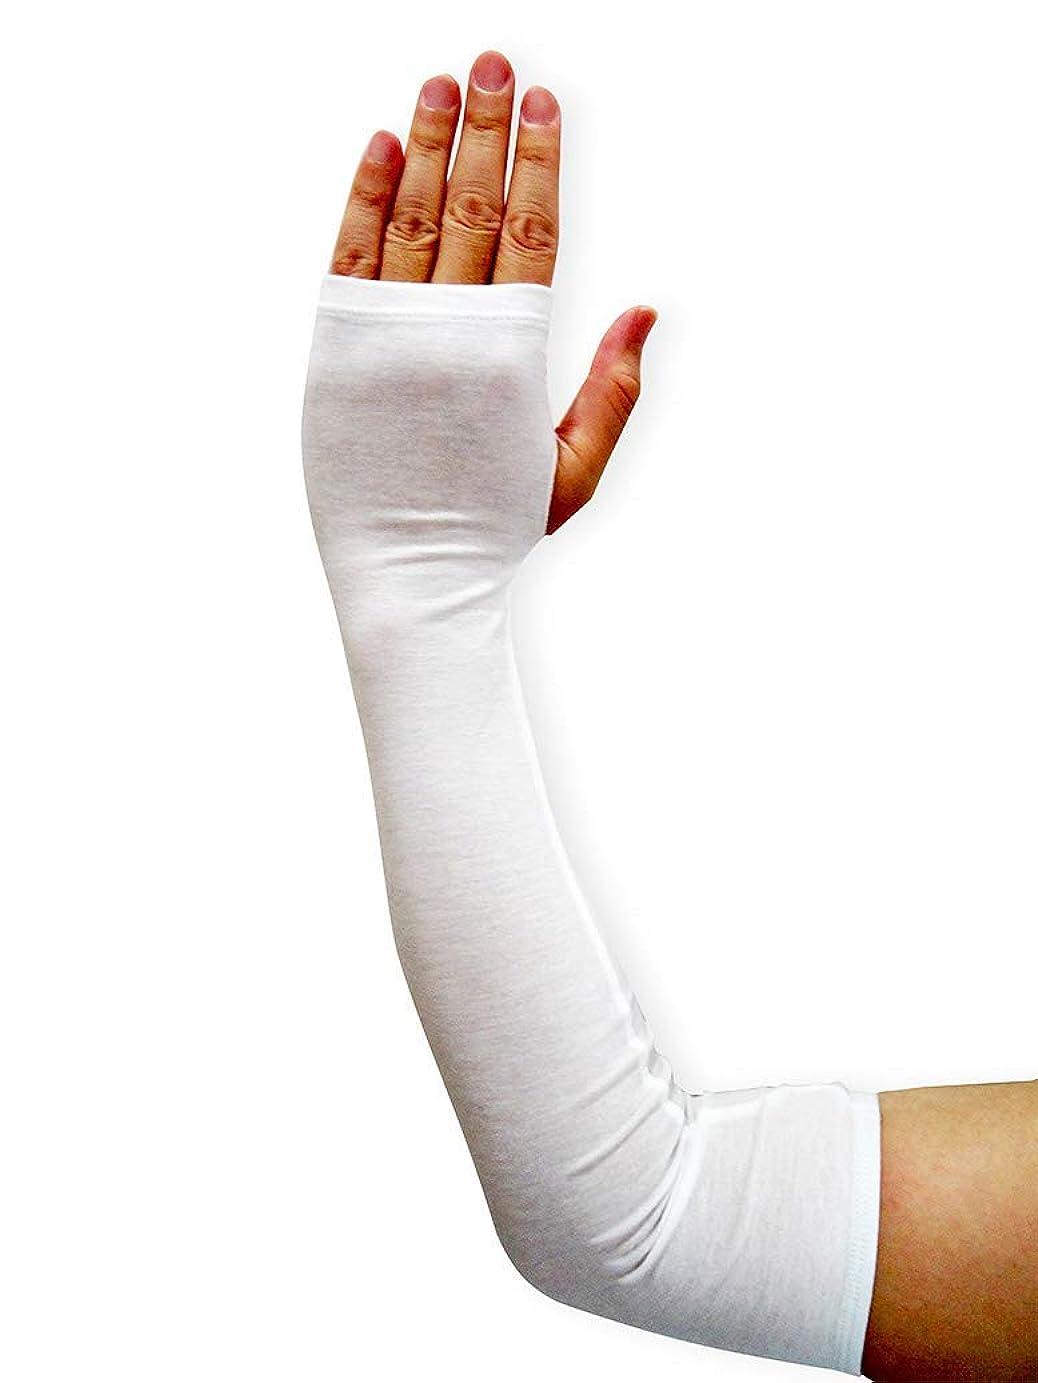 備品機構ティッシュEdenswear 亜鉛繊維大人袖カバー アトピー敏感肌湿疹肌向け (Large)